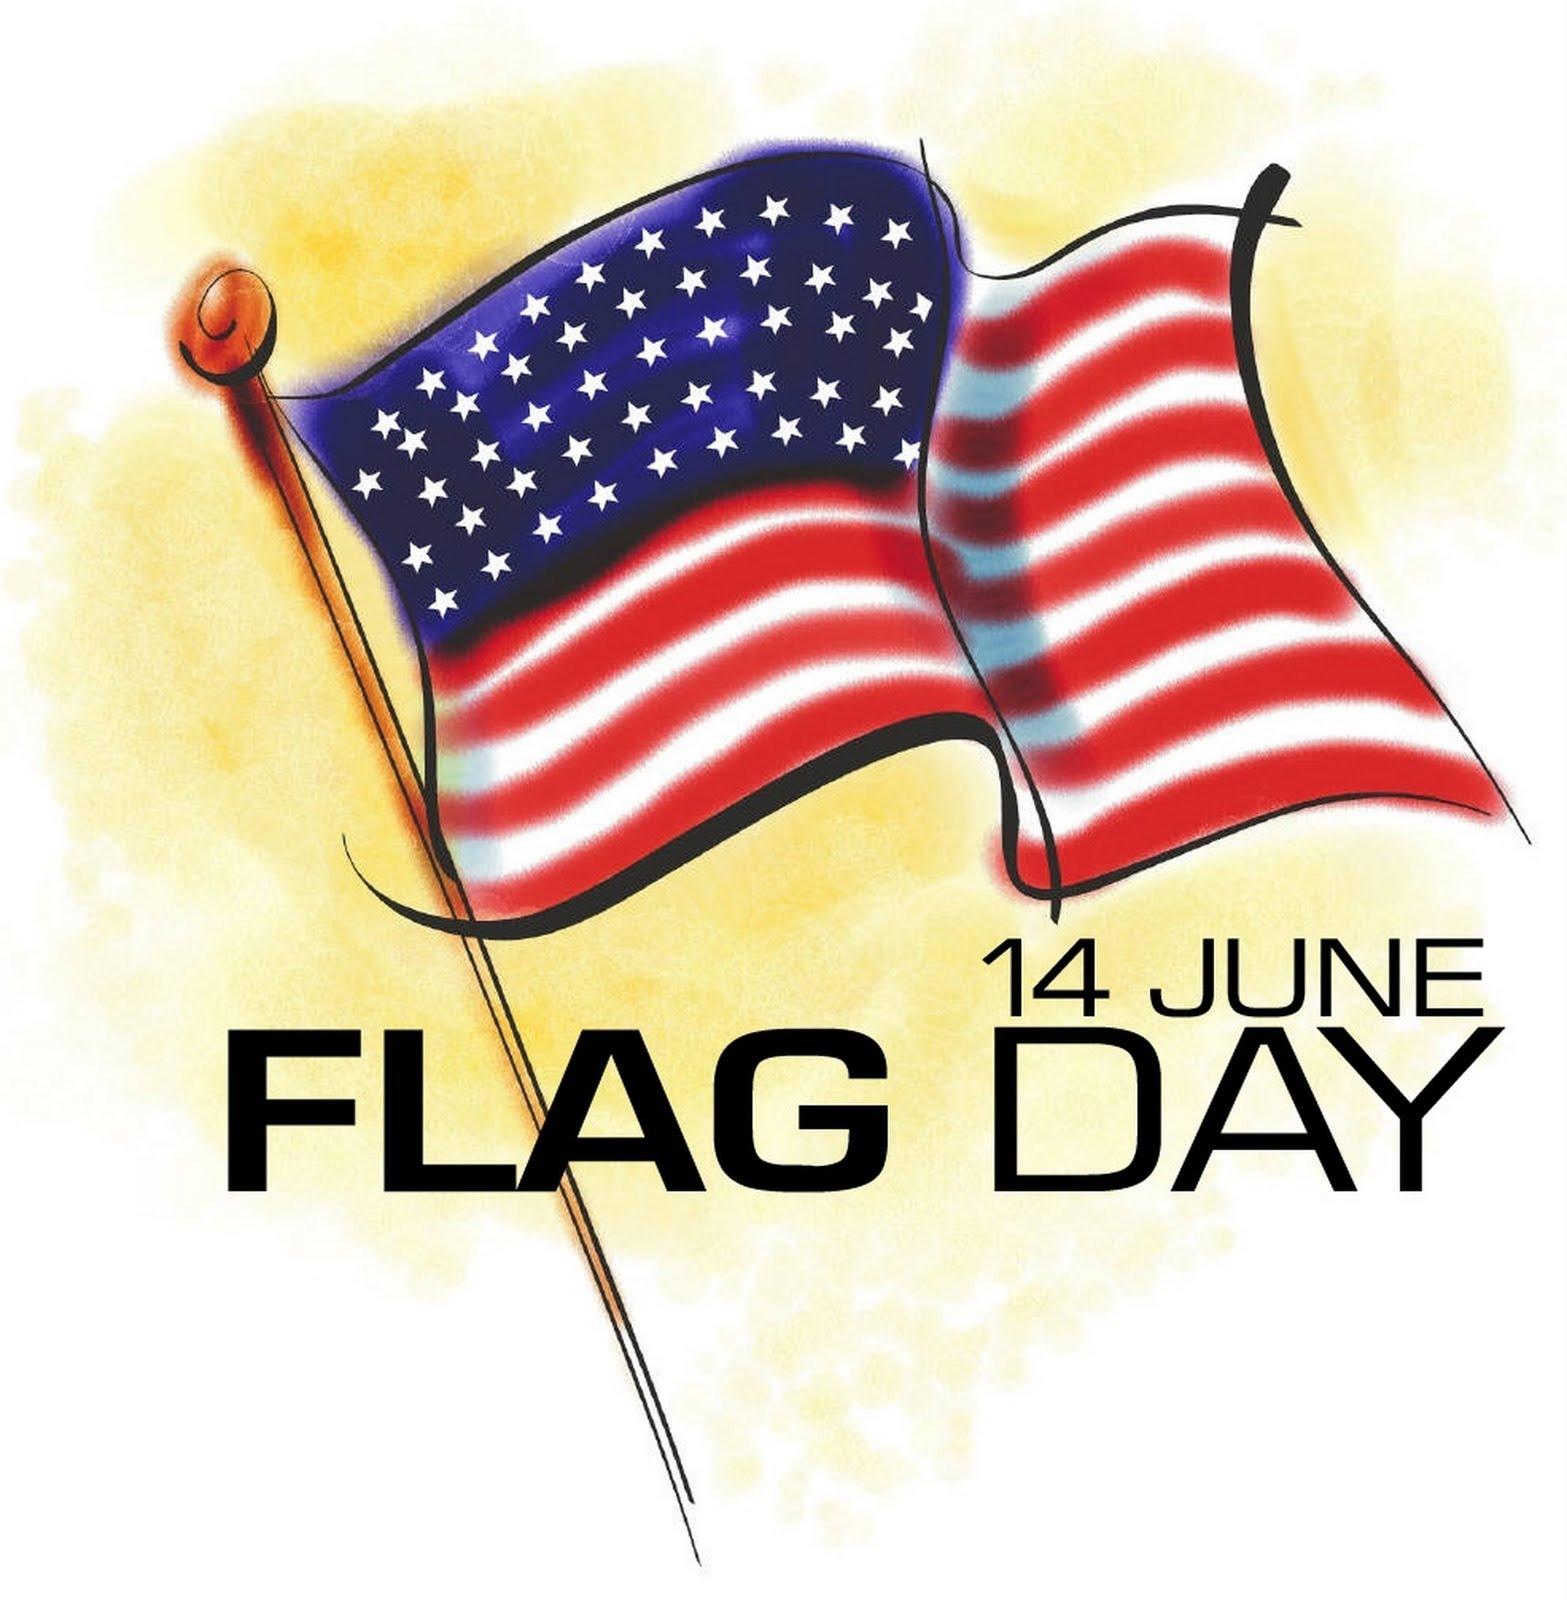 1d7cb457451945b600da_Flag-Day-June-14.jpg